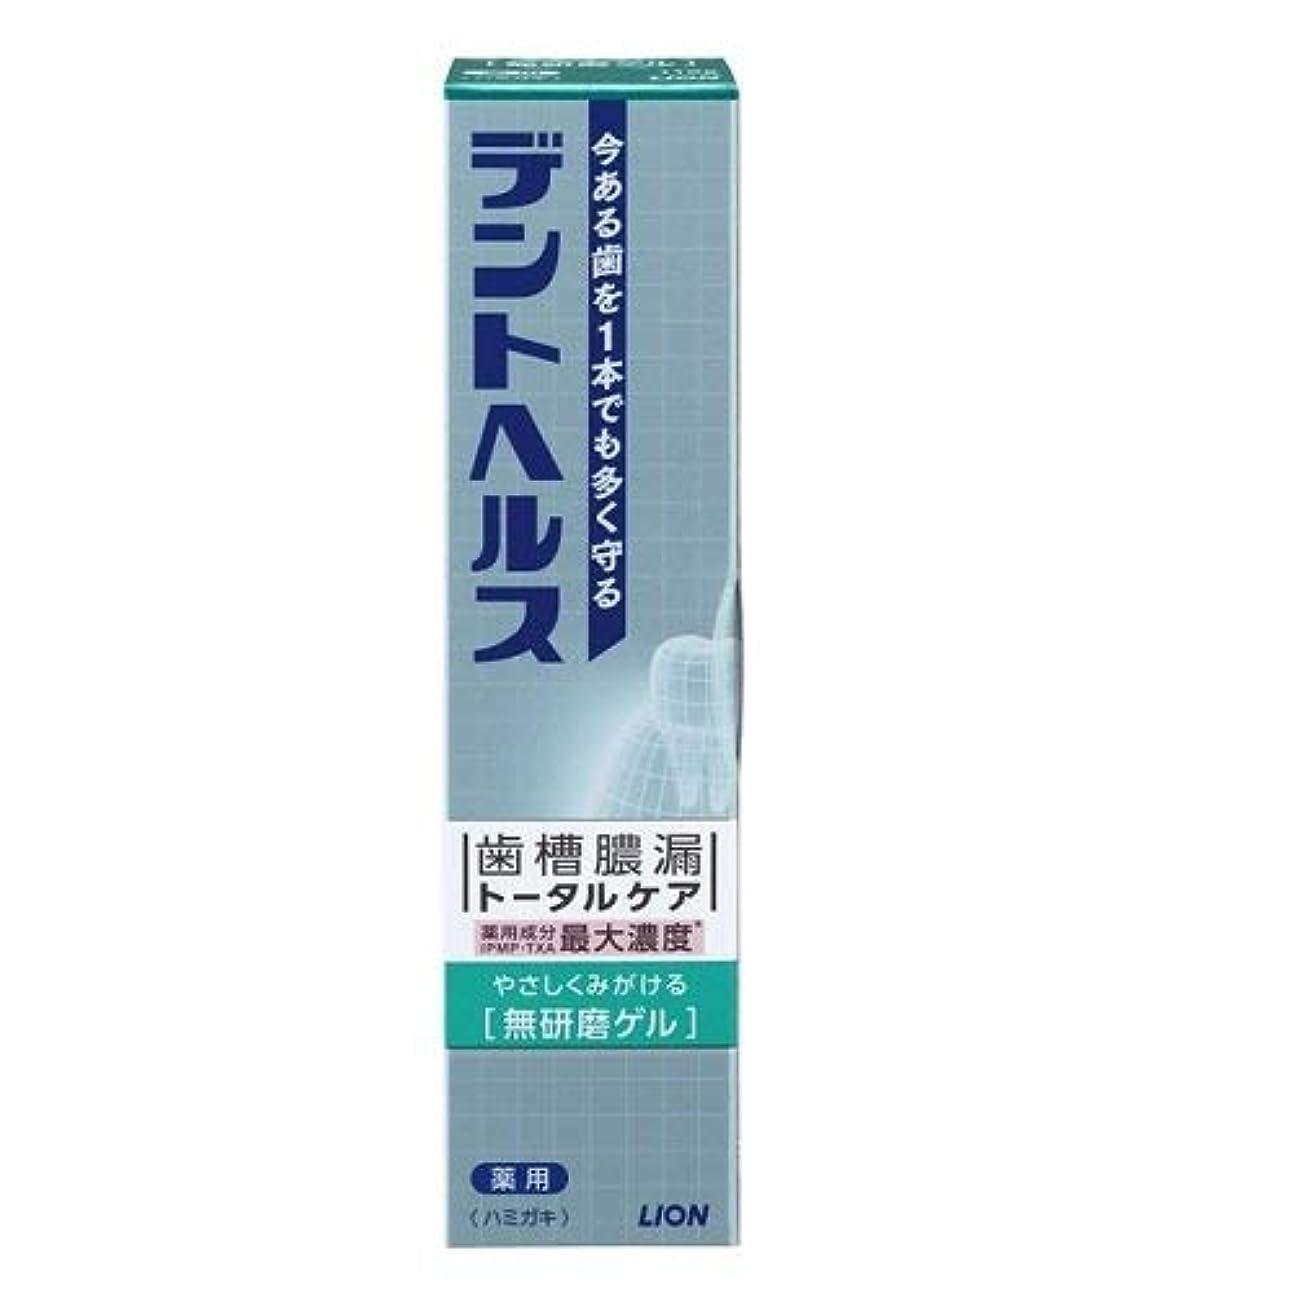 貸すスペード広範囲にライオン デントヘルス 薬用ハミガキ 無研磨ゲル 115g (医薬部外品)× 4